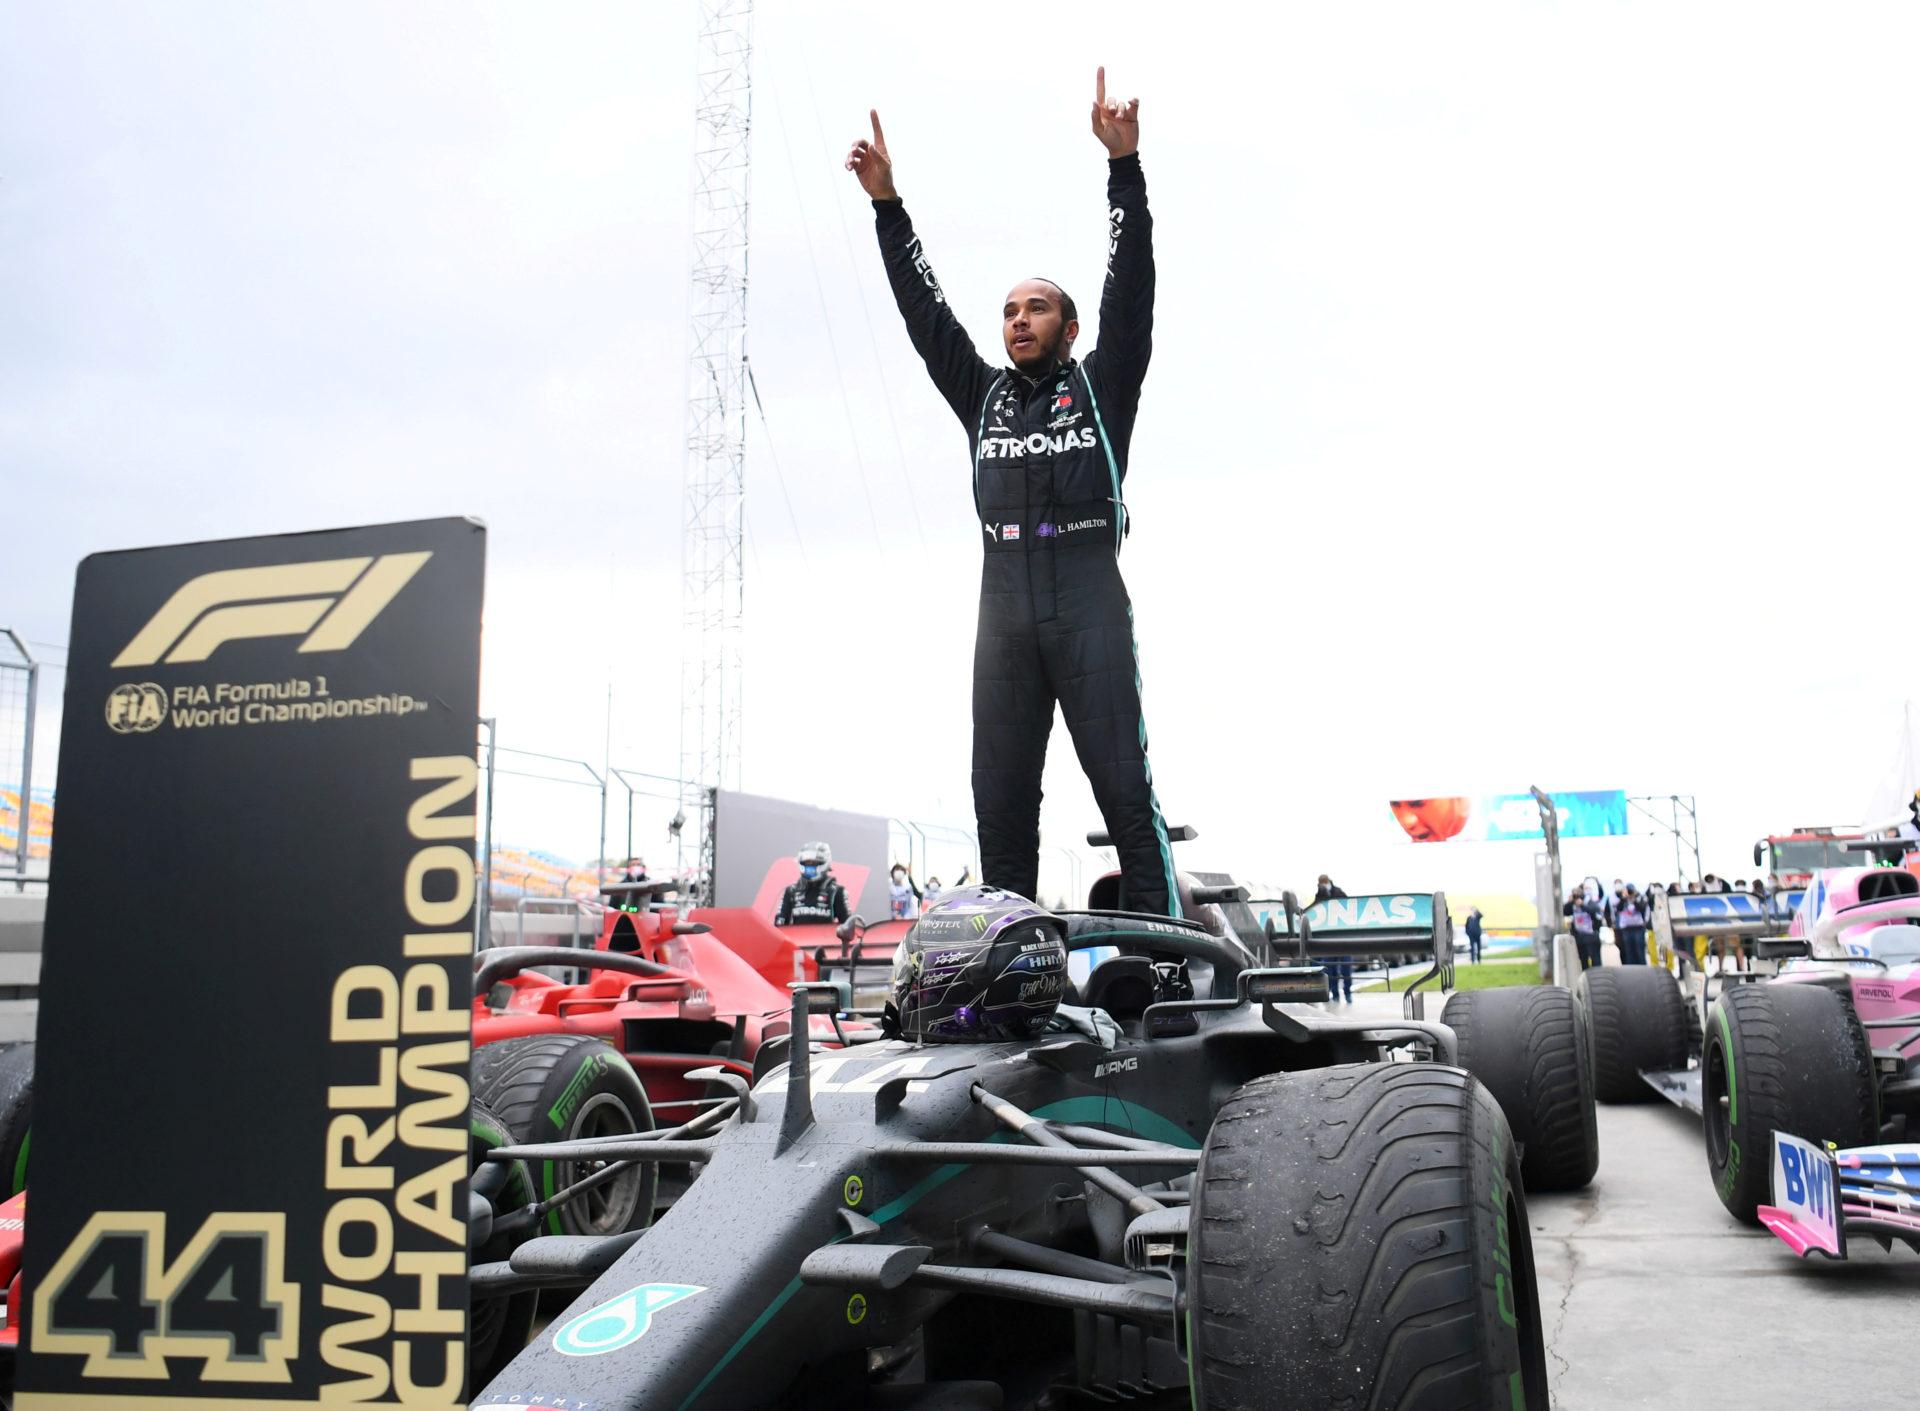 Formula 1'de sezonun ilk yarışını son şampiyon Lewis Hamilton kazandı.